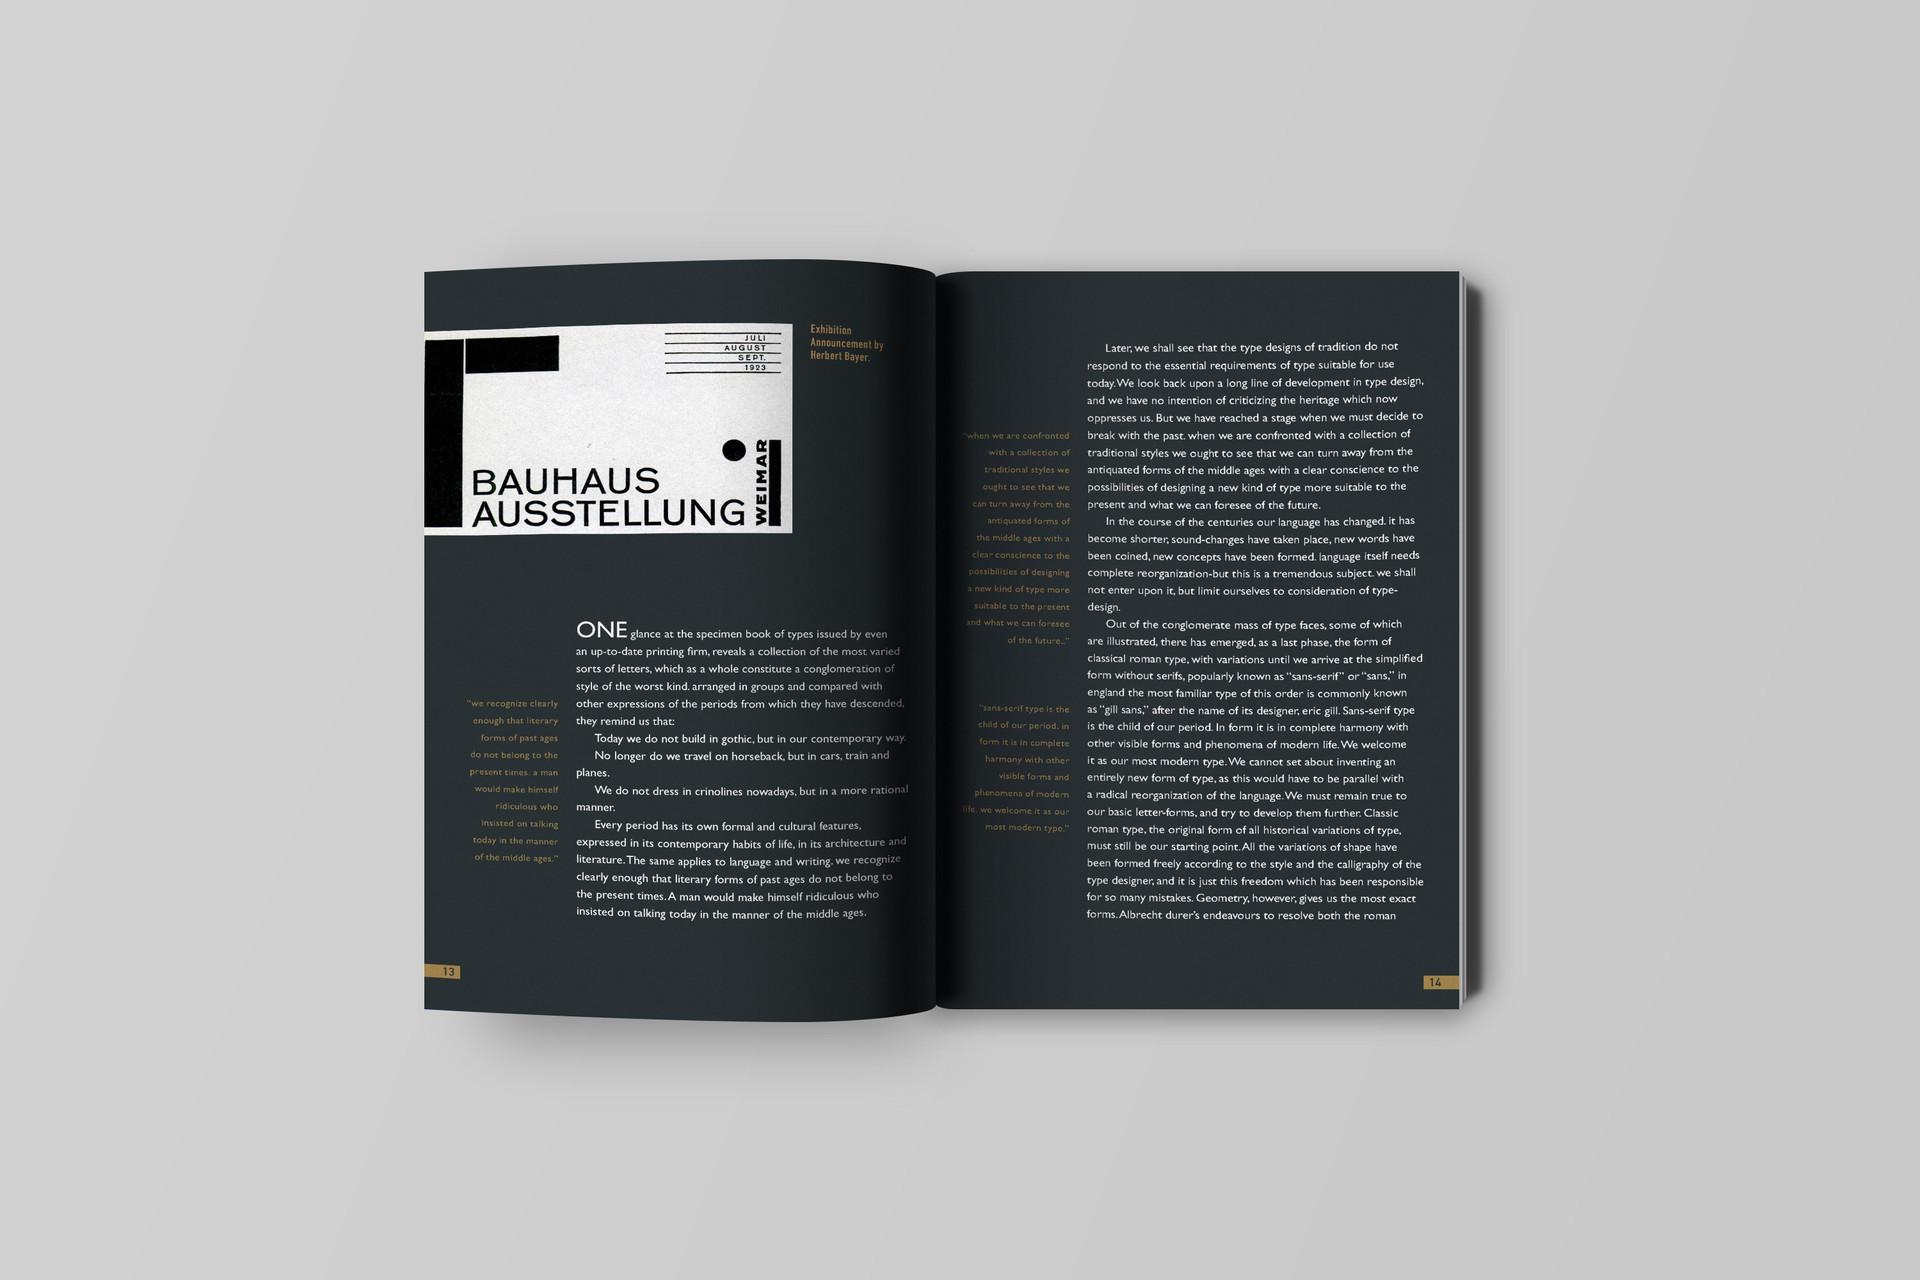 Chapter 2 Inside